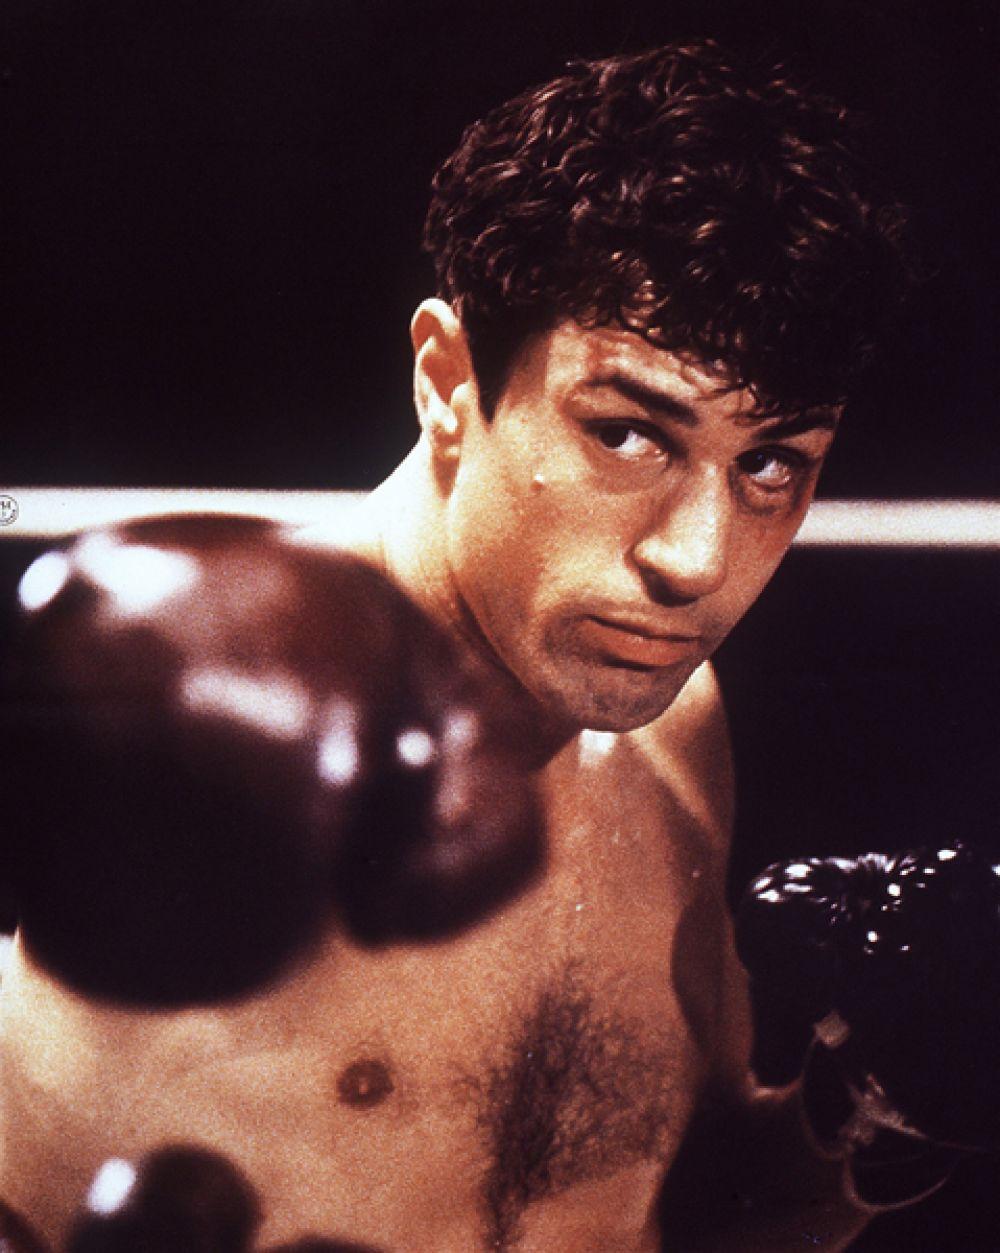 Работа Мартина Скорсезе «Бешеный бык» (1980), поставленная по мотивам воспоминаний боксера Джейка Ламотты, завоевала две премии «Оскар», а Де Ниро получил награду за лучшую мужскую роль.